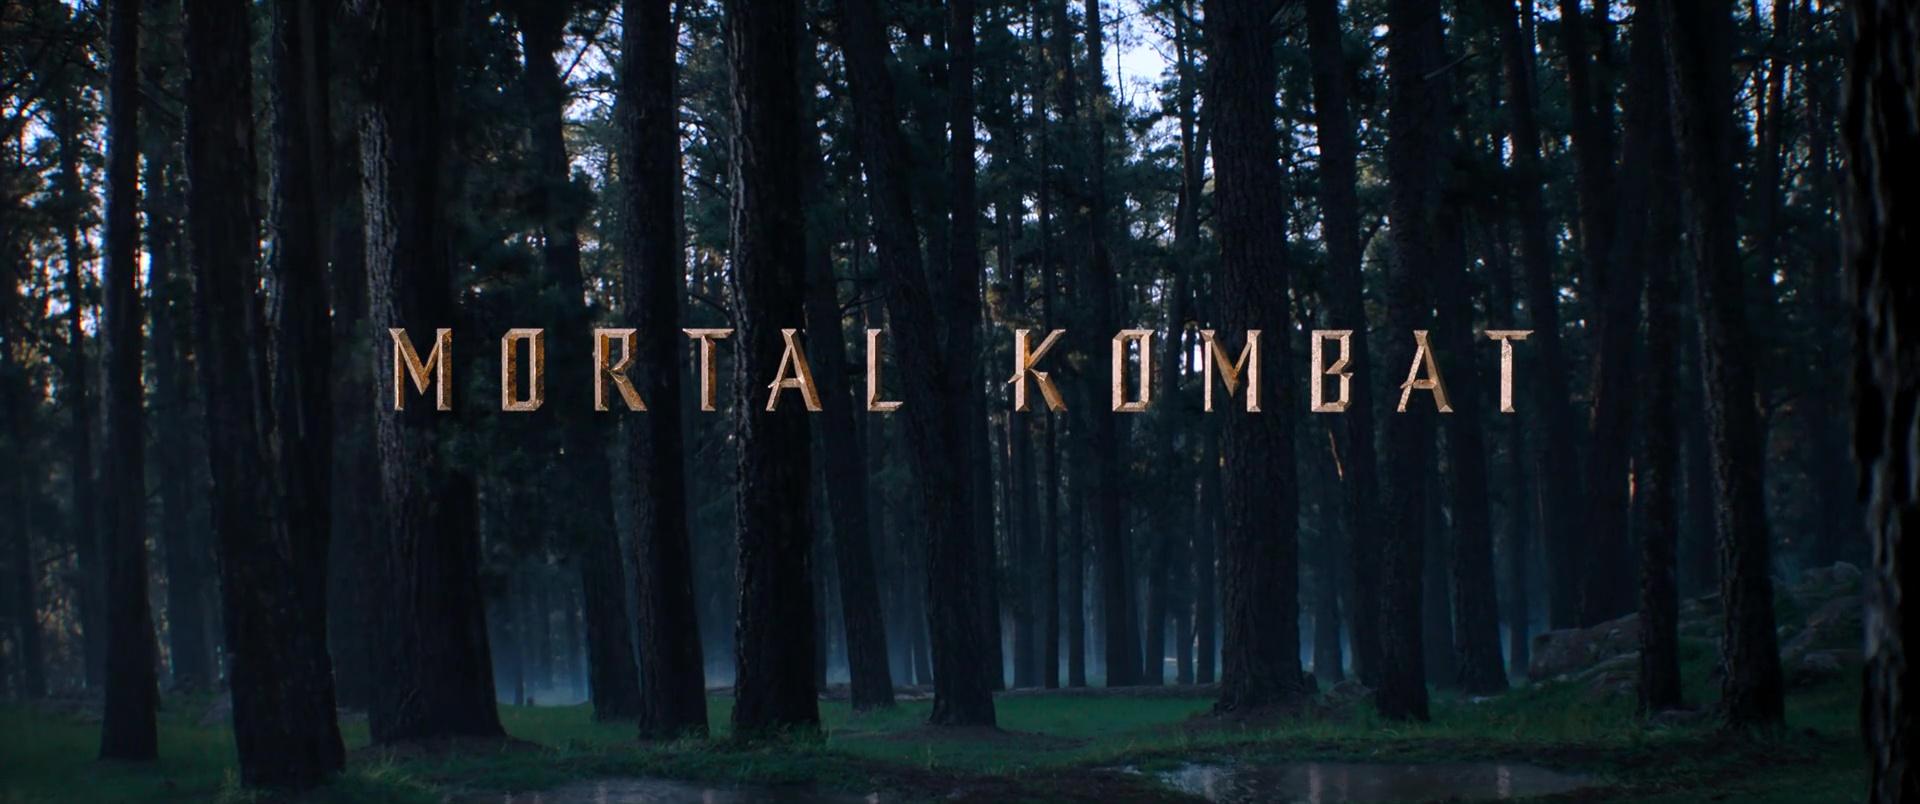 MORTAL KOMBAT de Simon McQuoid (2021)